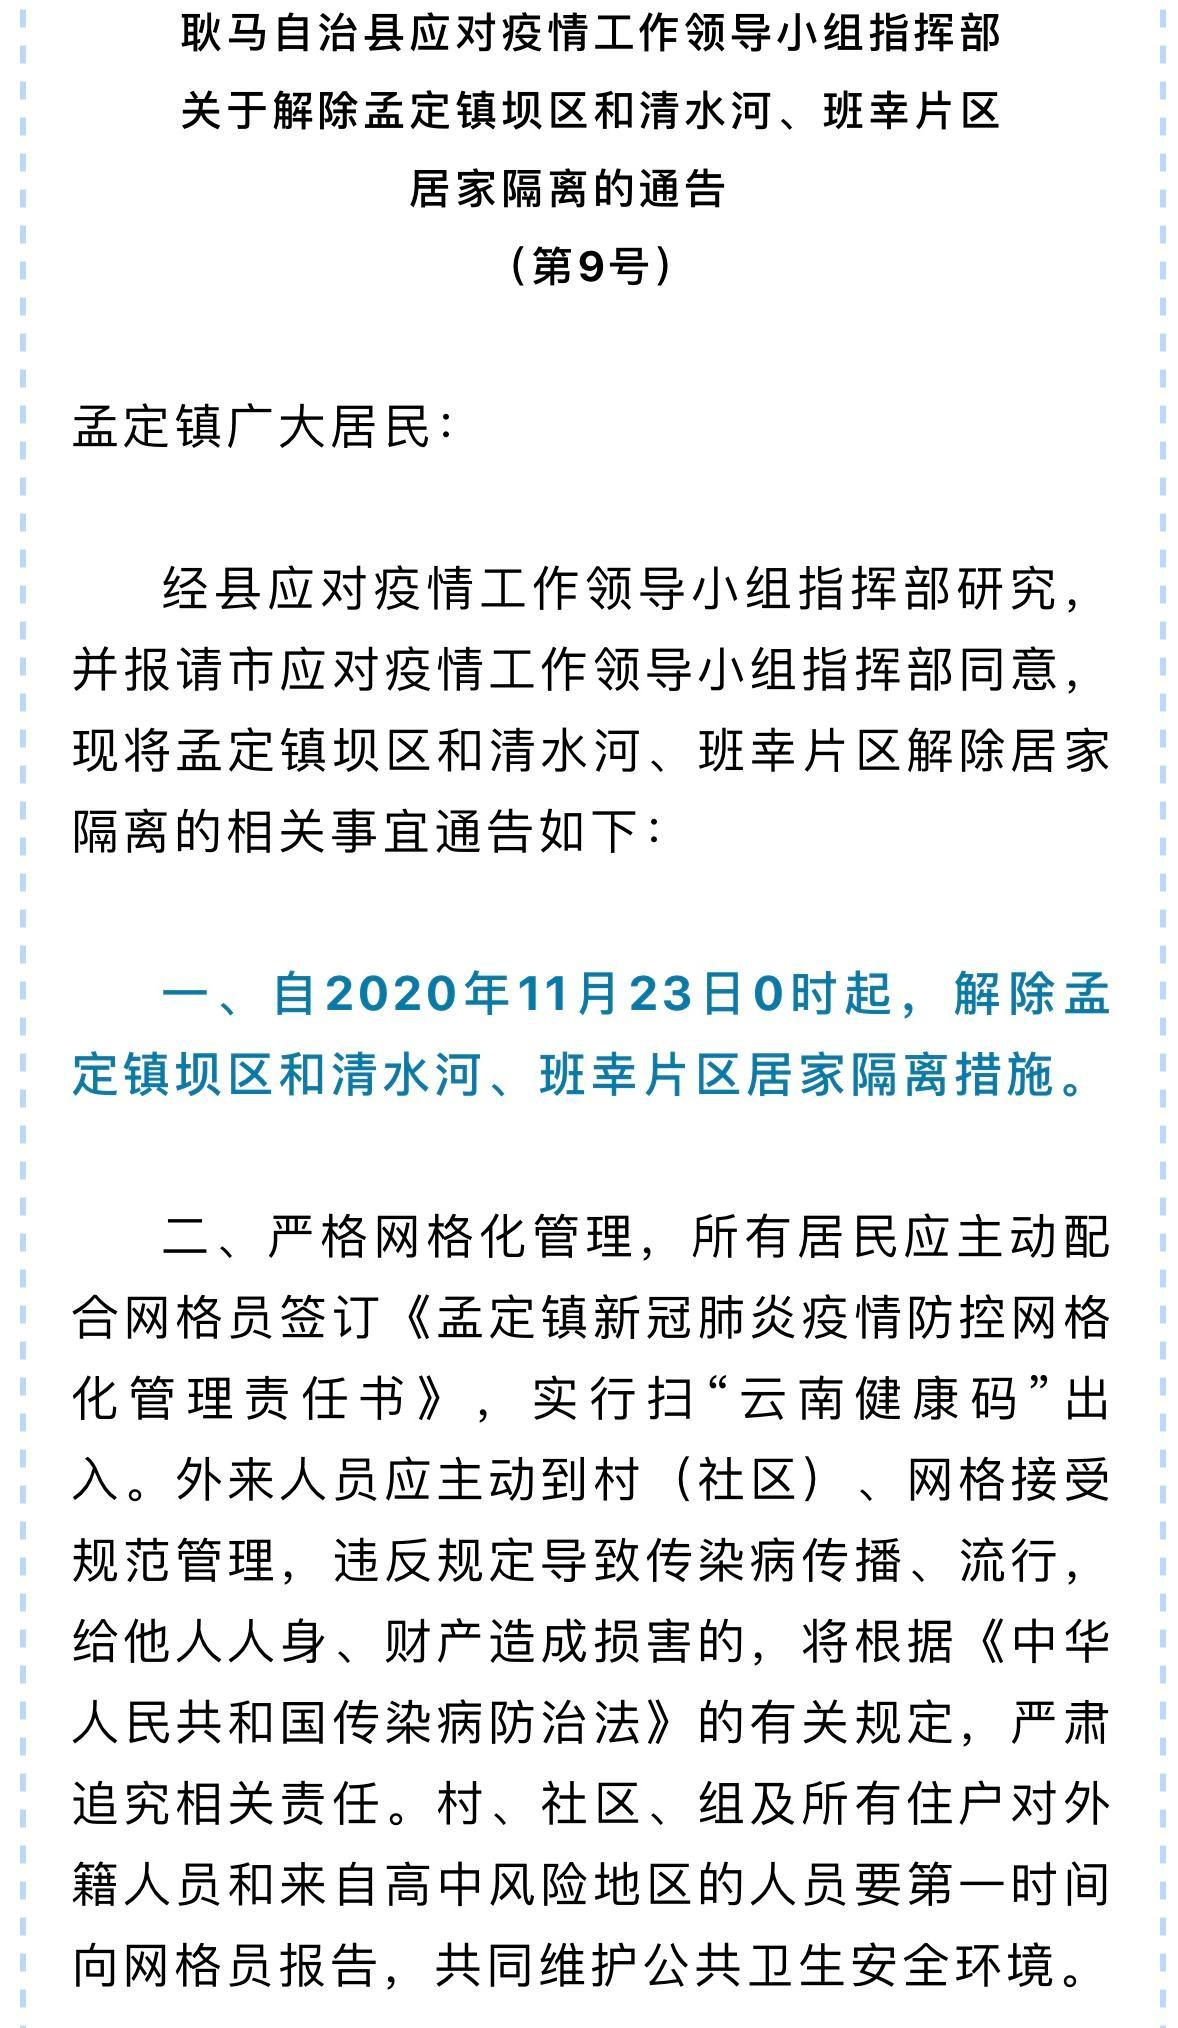 云南临沧孟定镇坝区和清水河、班幸片区 23日起解除居家隔离图片